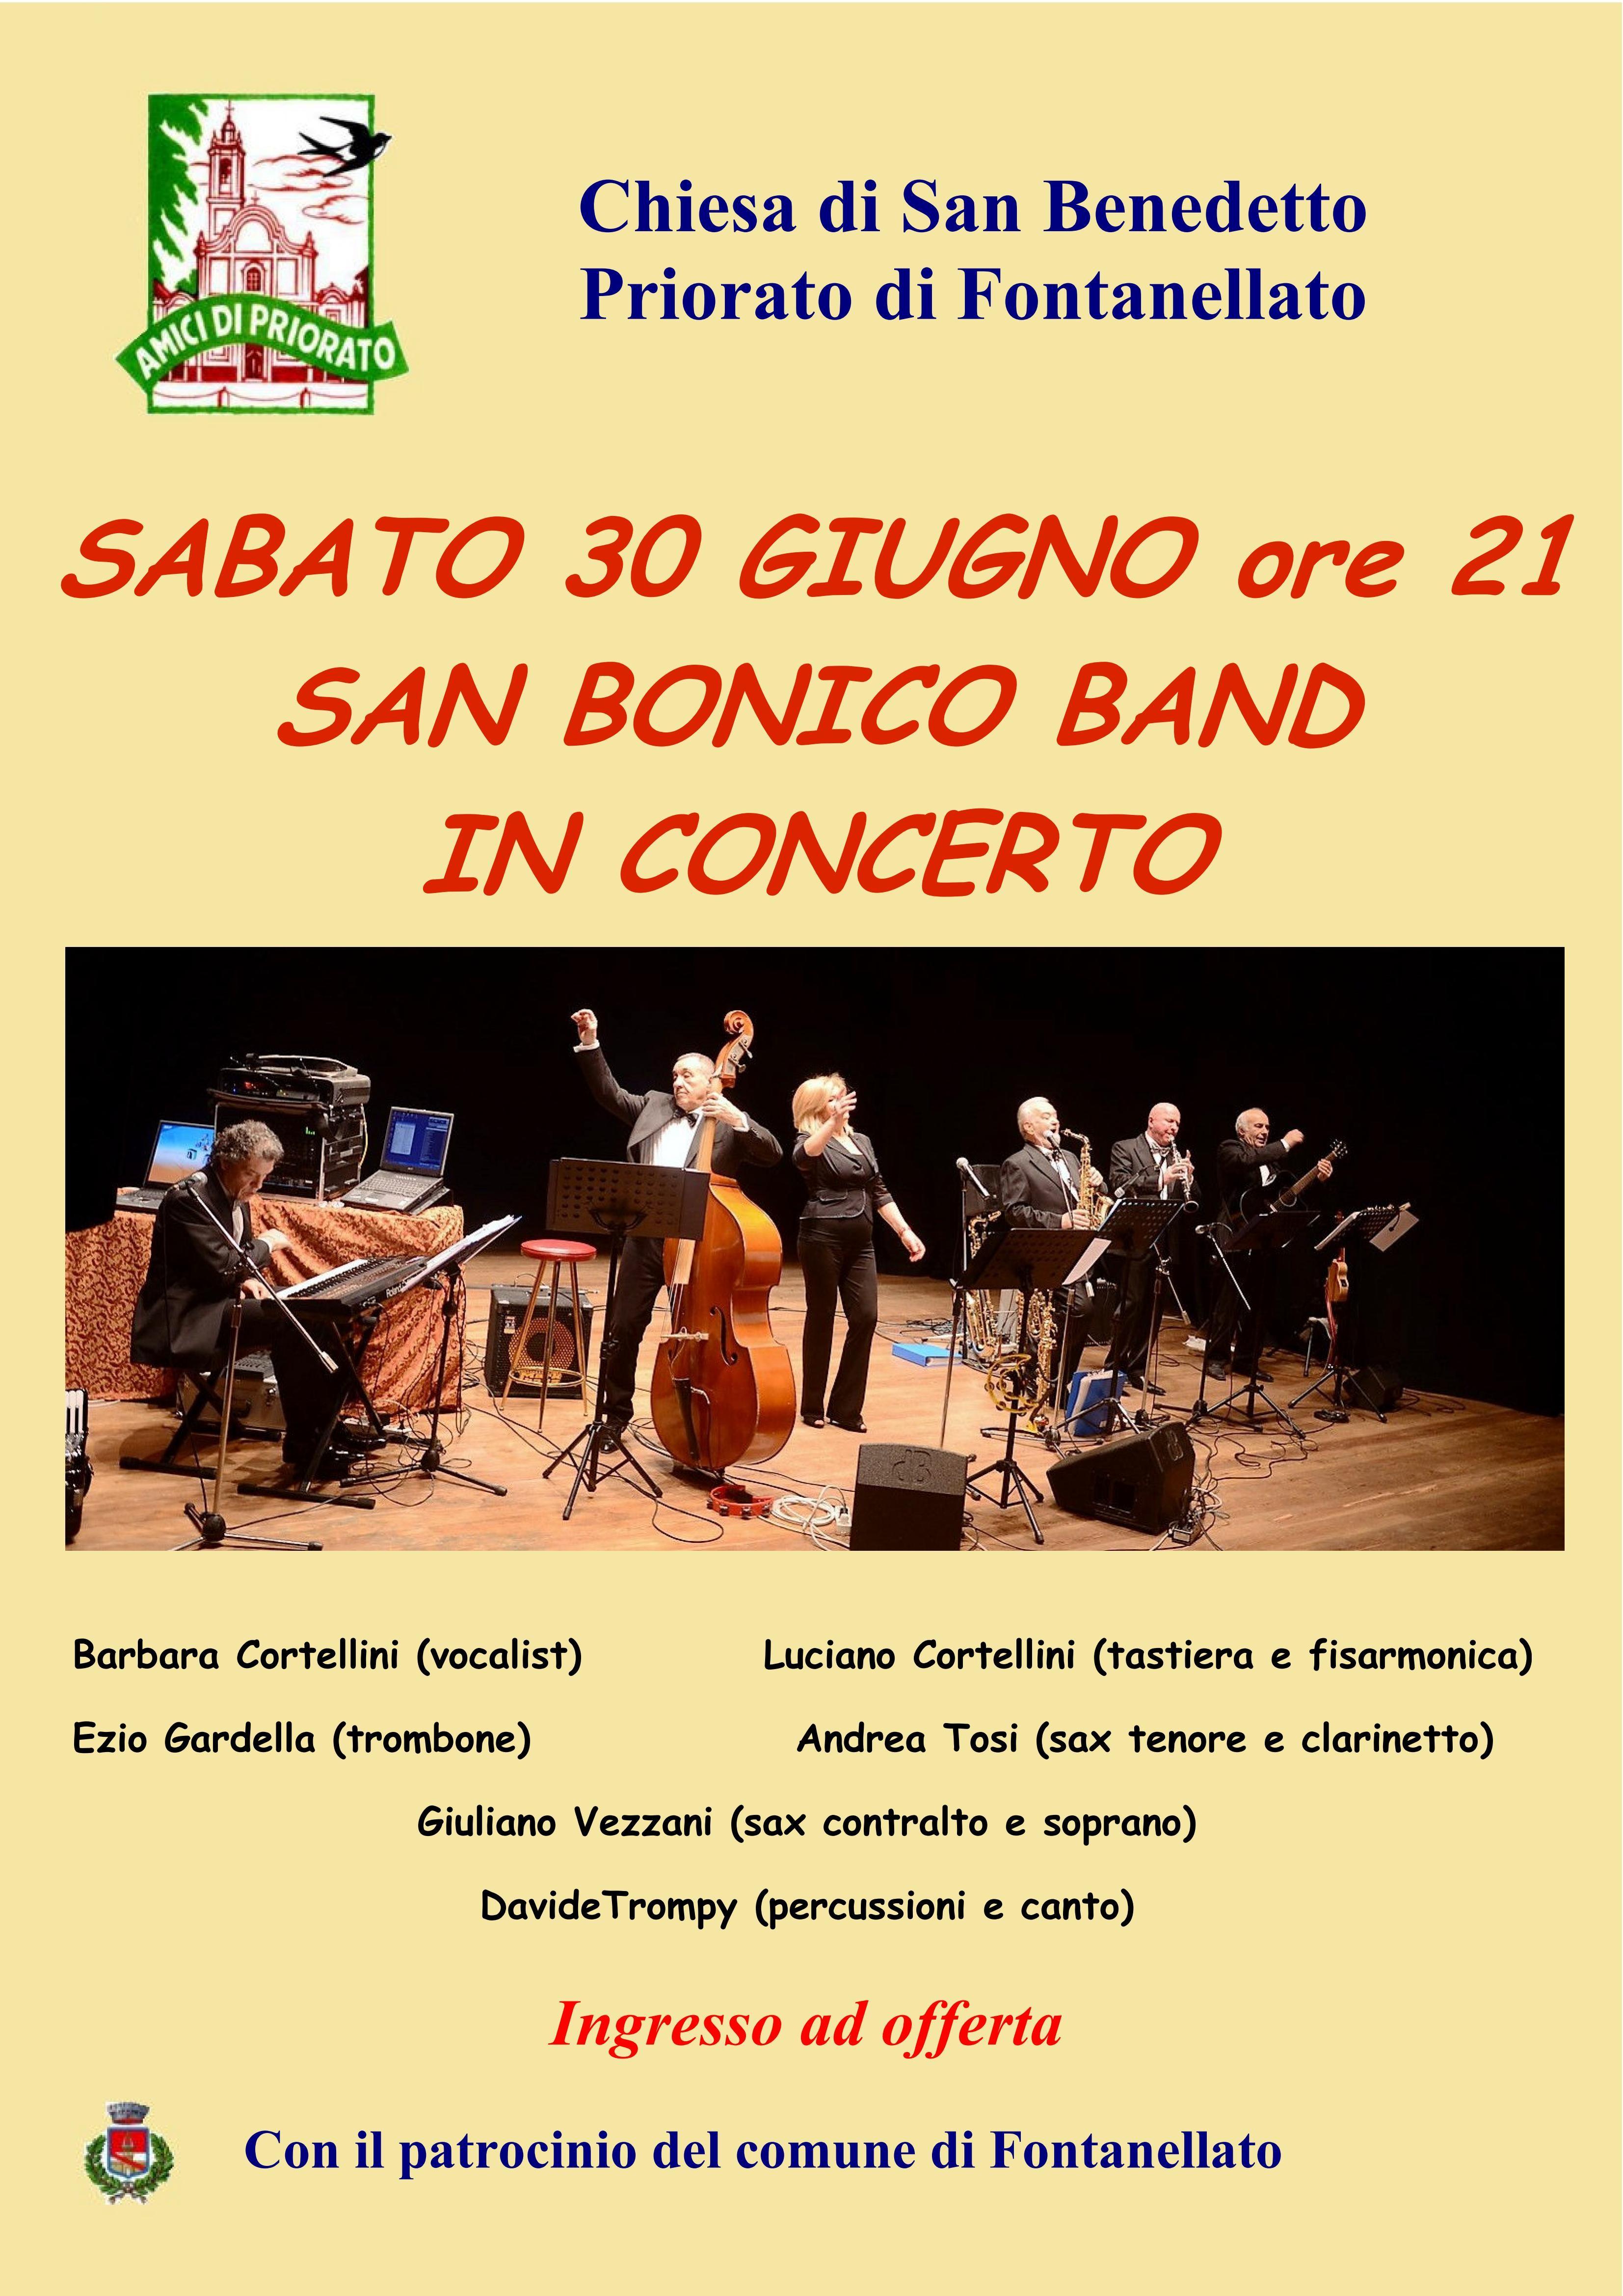 SAN BONICO BAND in concerto a Priorato